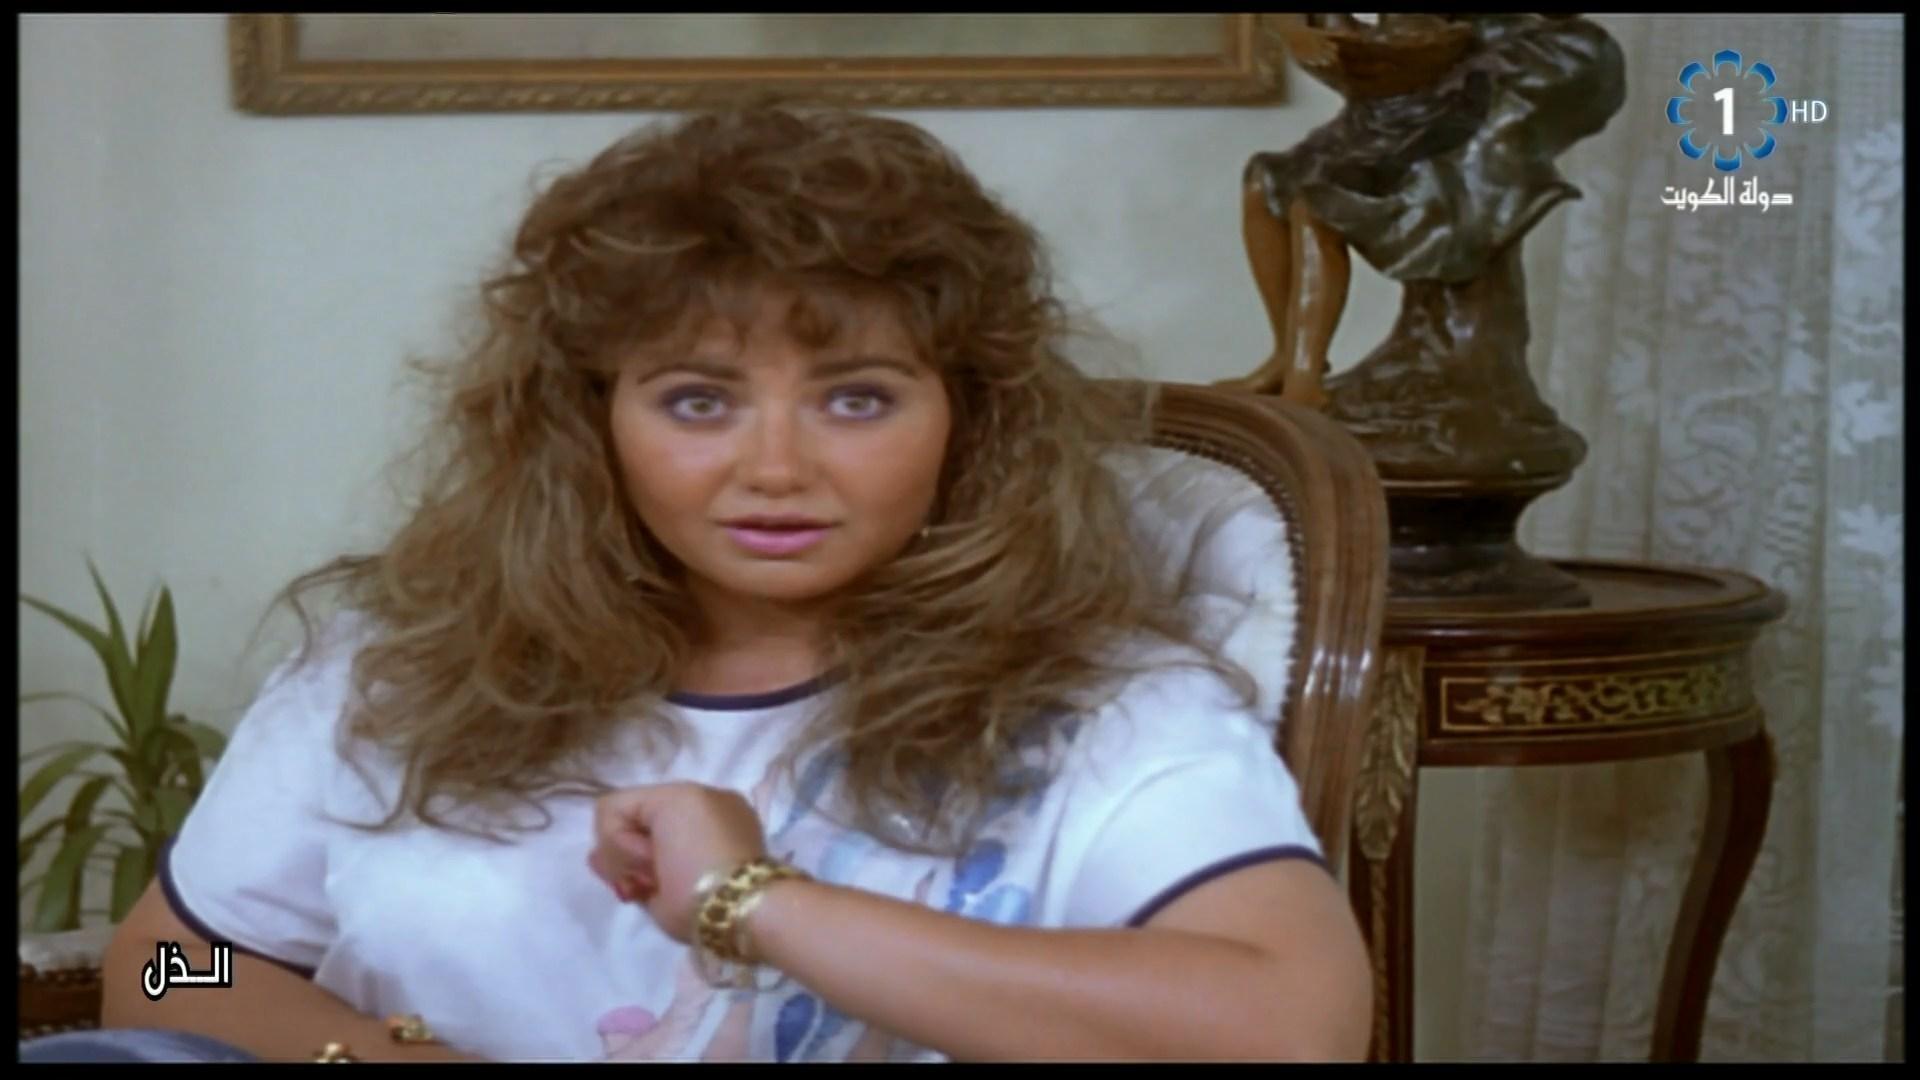 [فيلم][تورنت][تحميل][الذل][1990][1080p][HDTV] 7 arabp2p.com